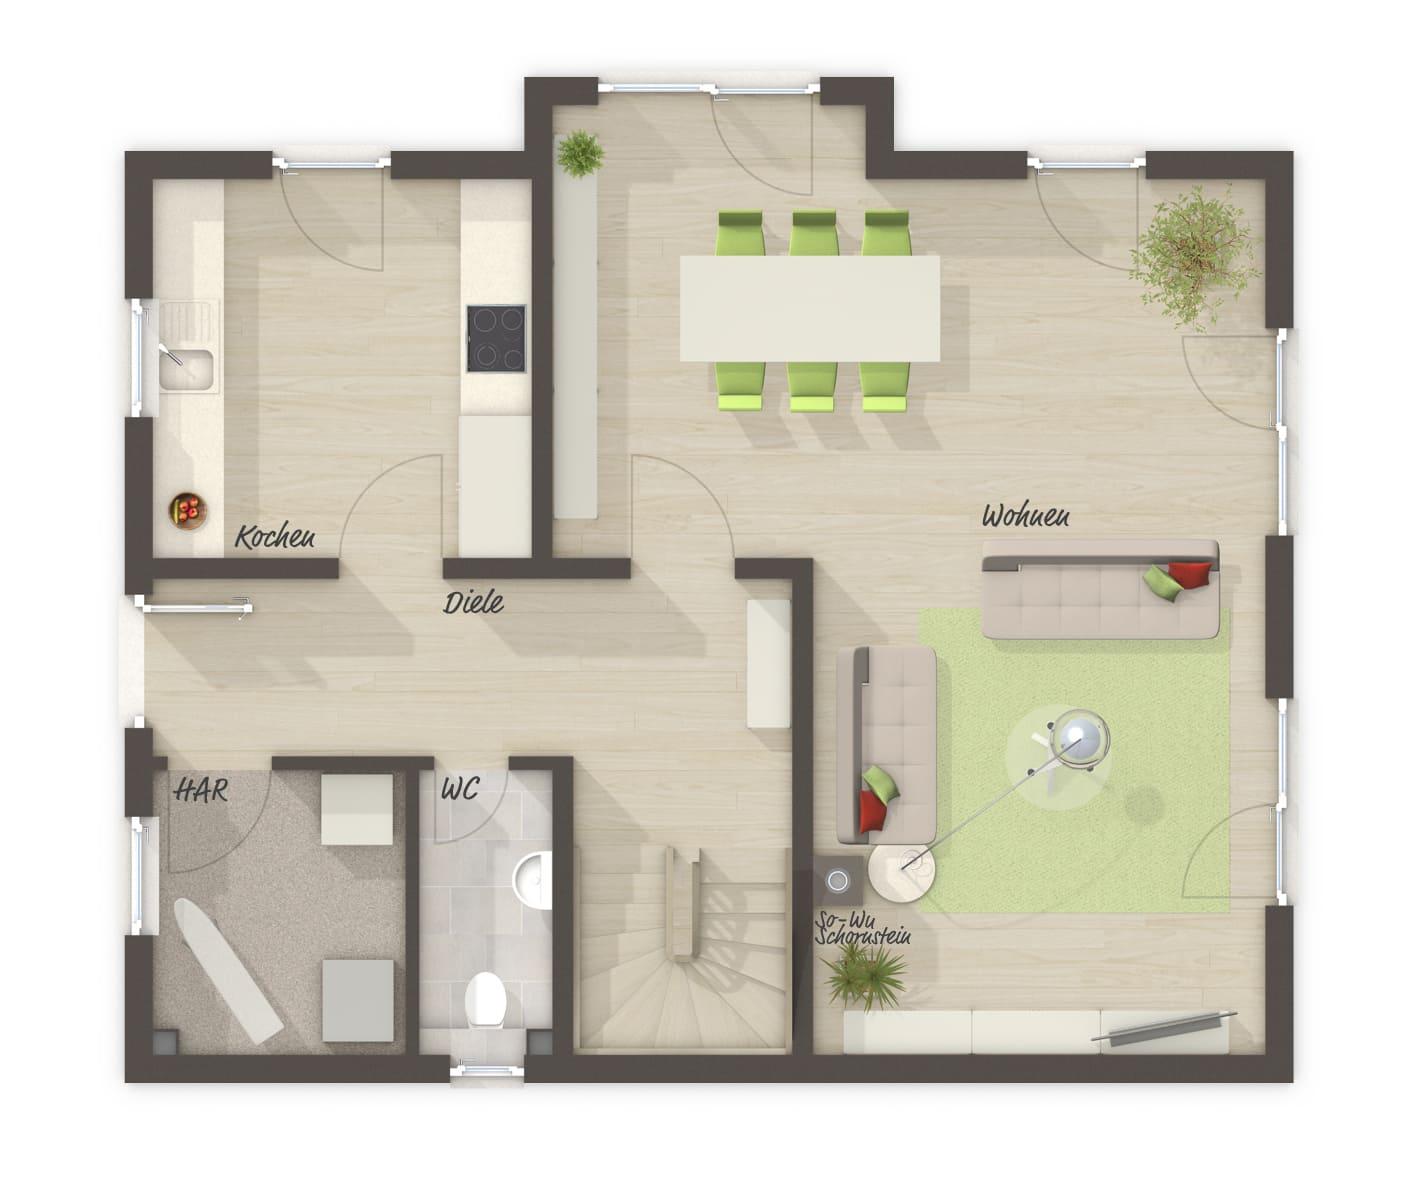 Einfamilienhaus Grundriss Erdgeschoss mit Erker - Massivhaus schlüsselfertig bauen Ideen Town & Country Haus Lichthaus 121 Klinker - HausbauDirekt.de